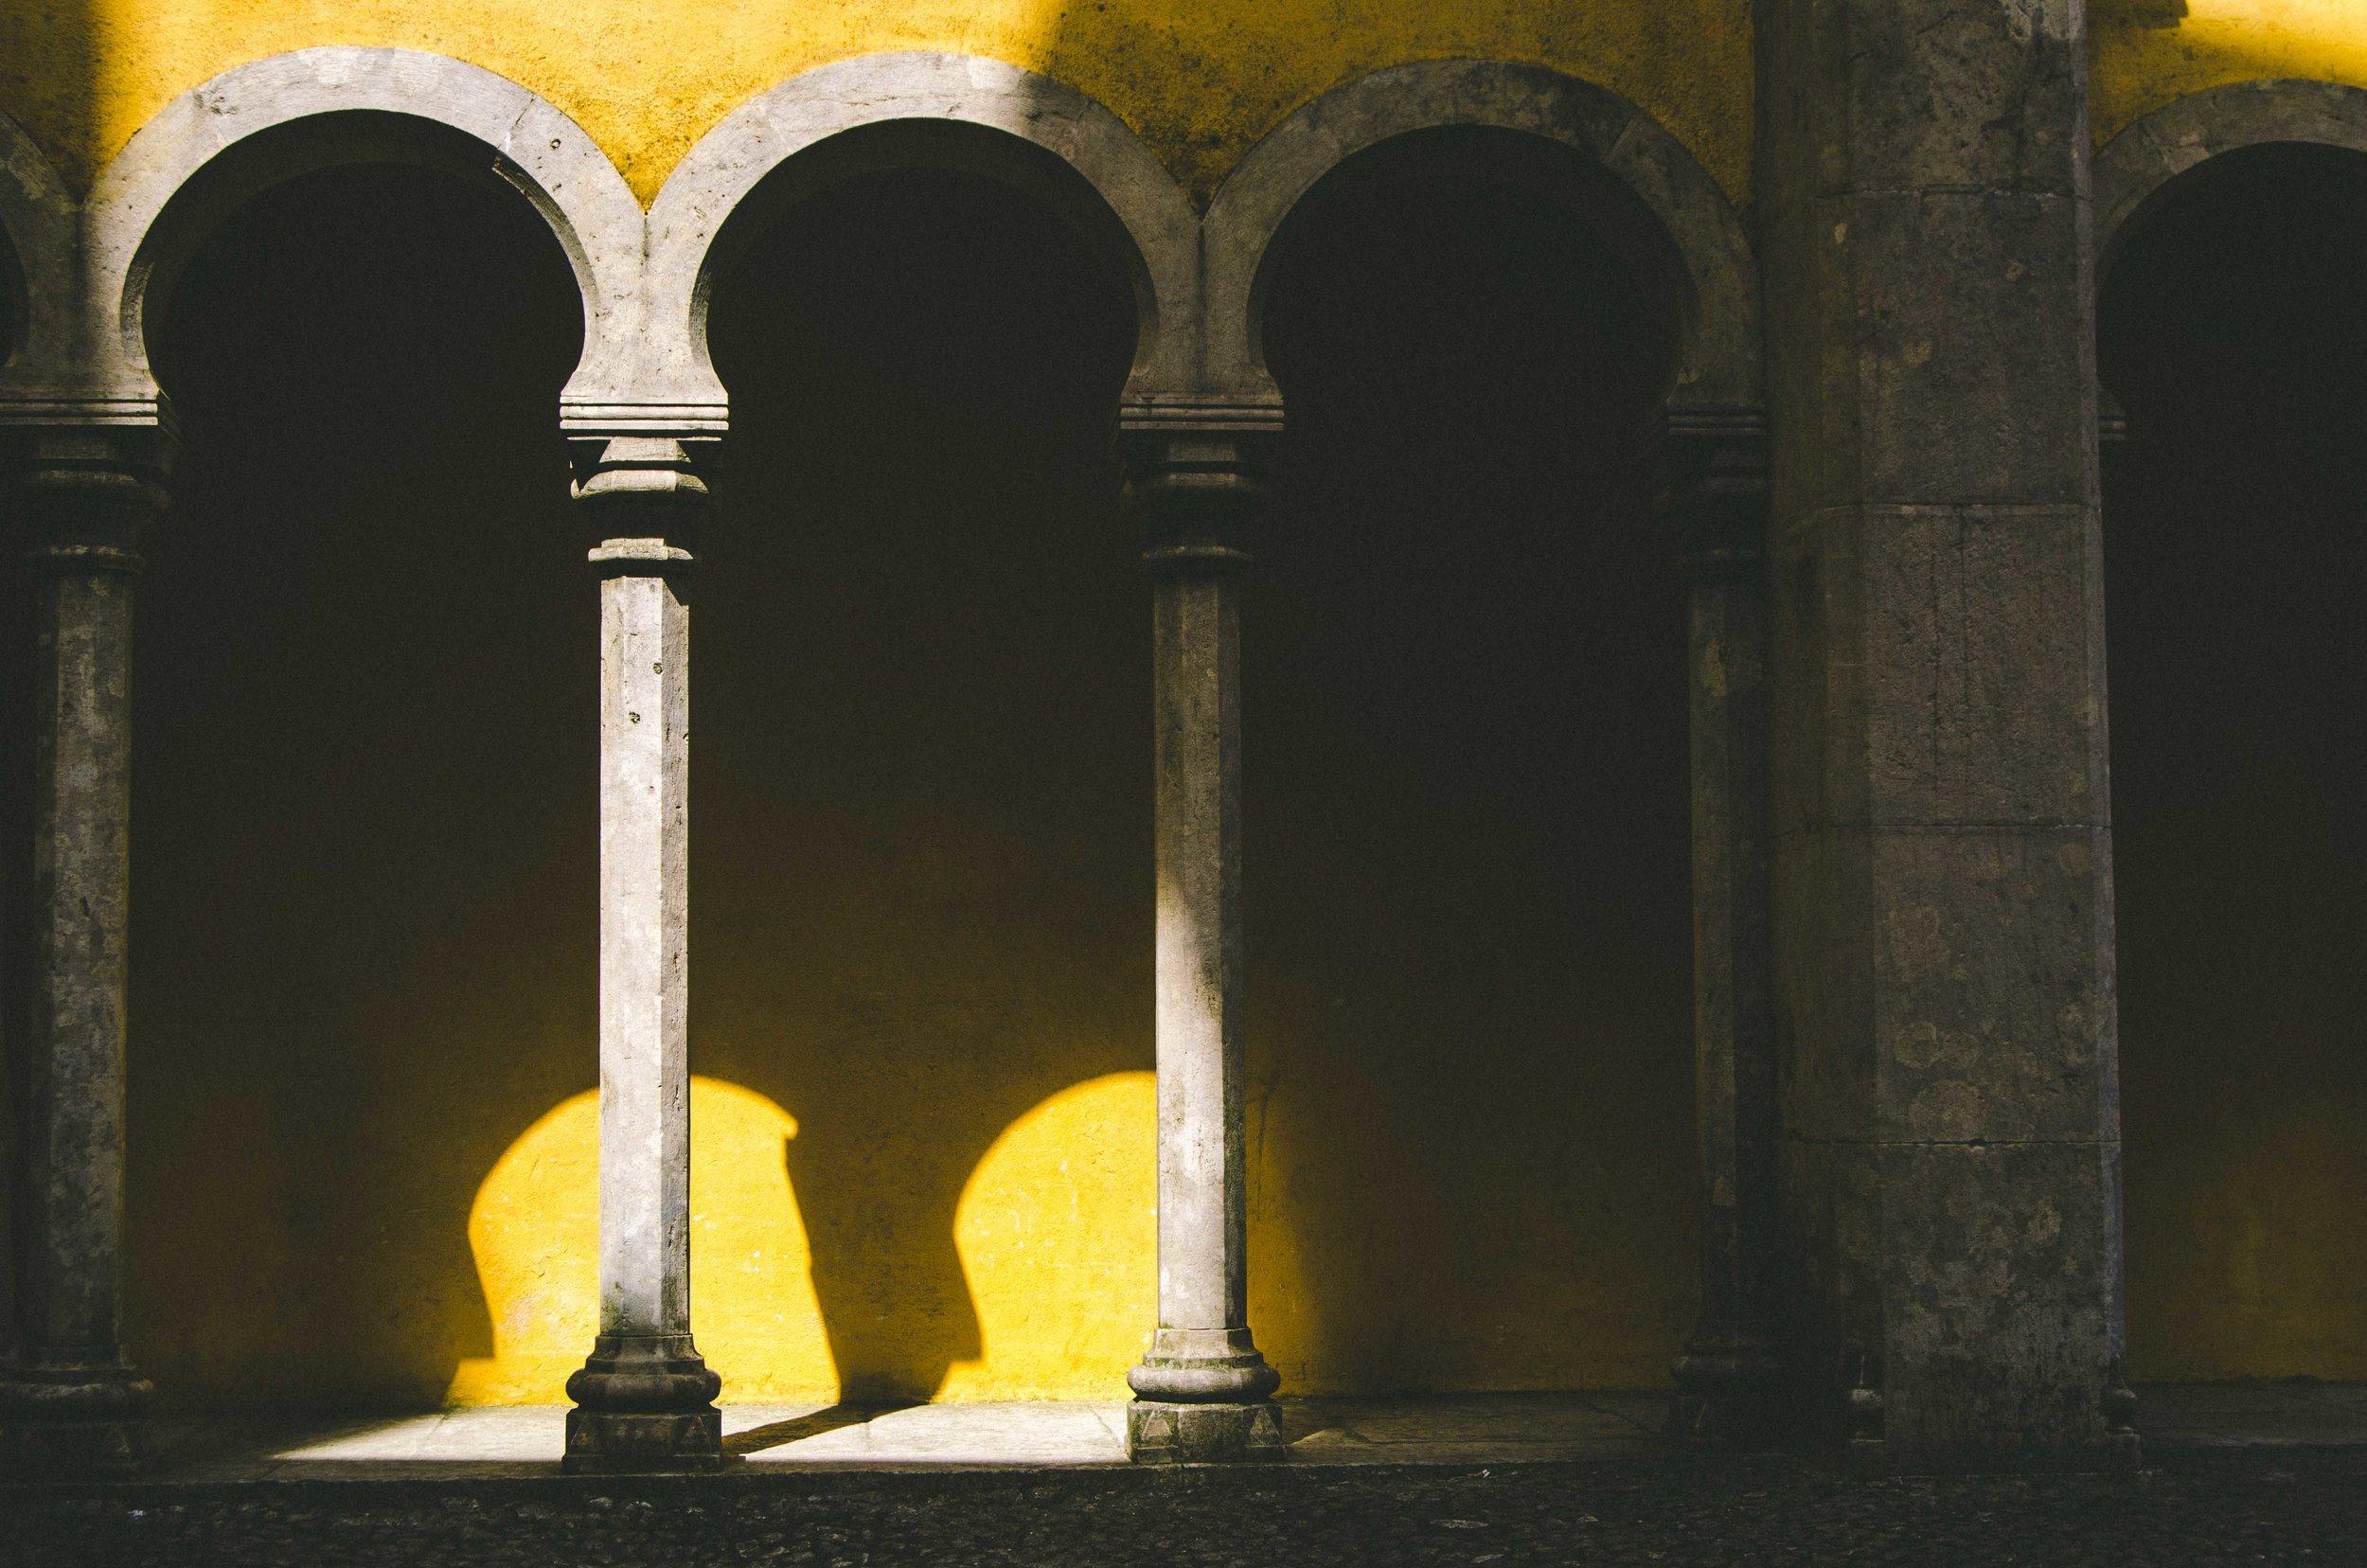 schoenmaker_portugalblog-1.jpg